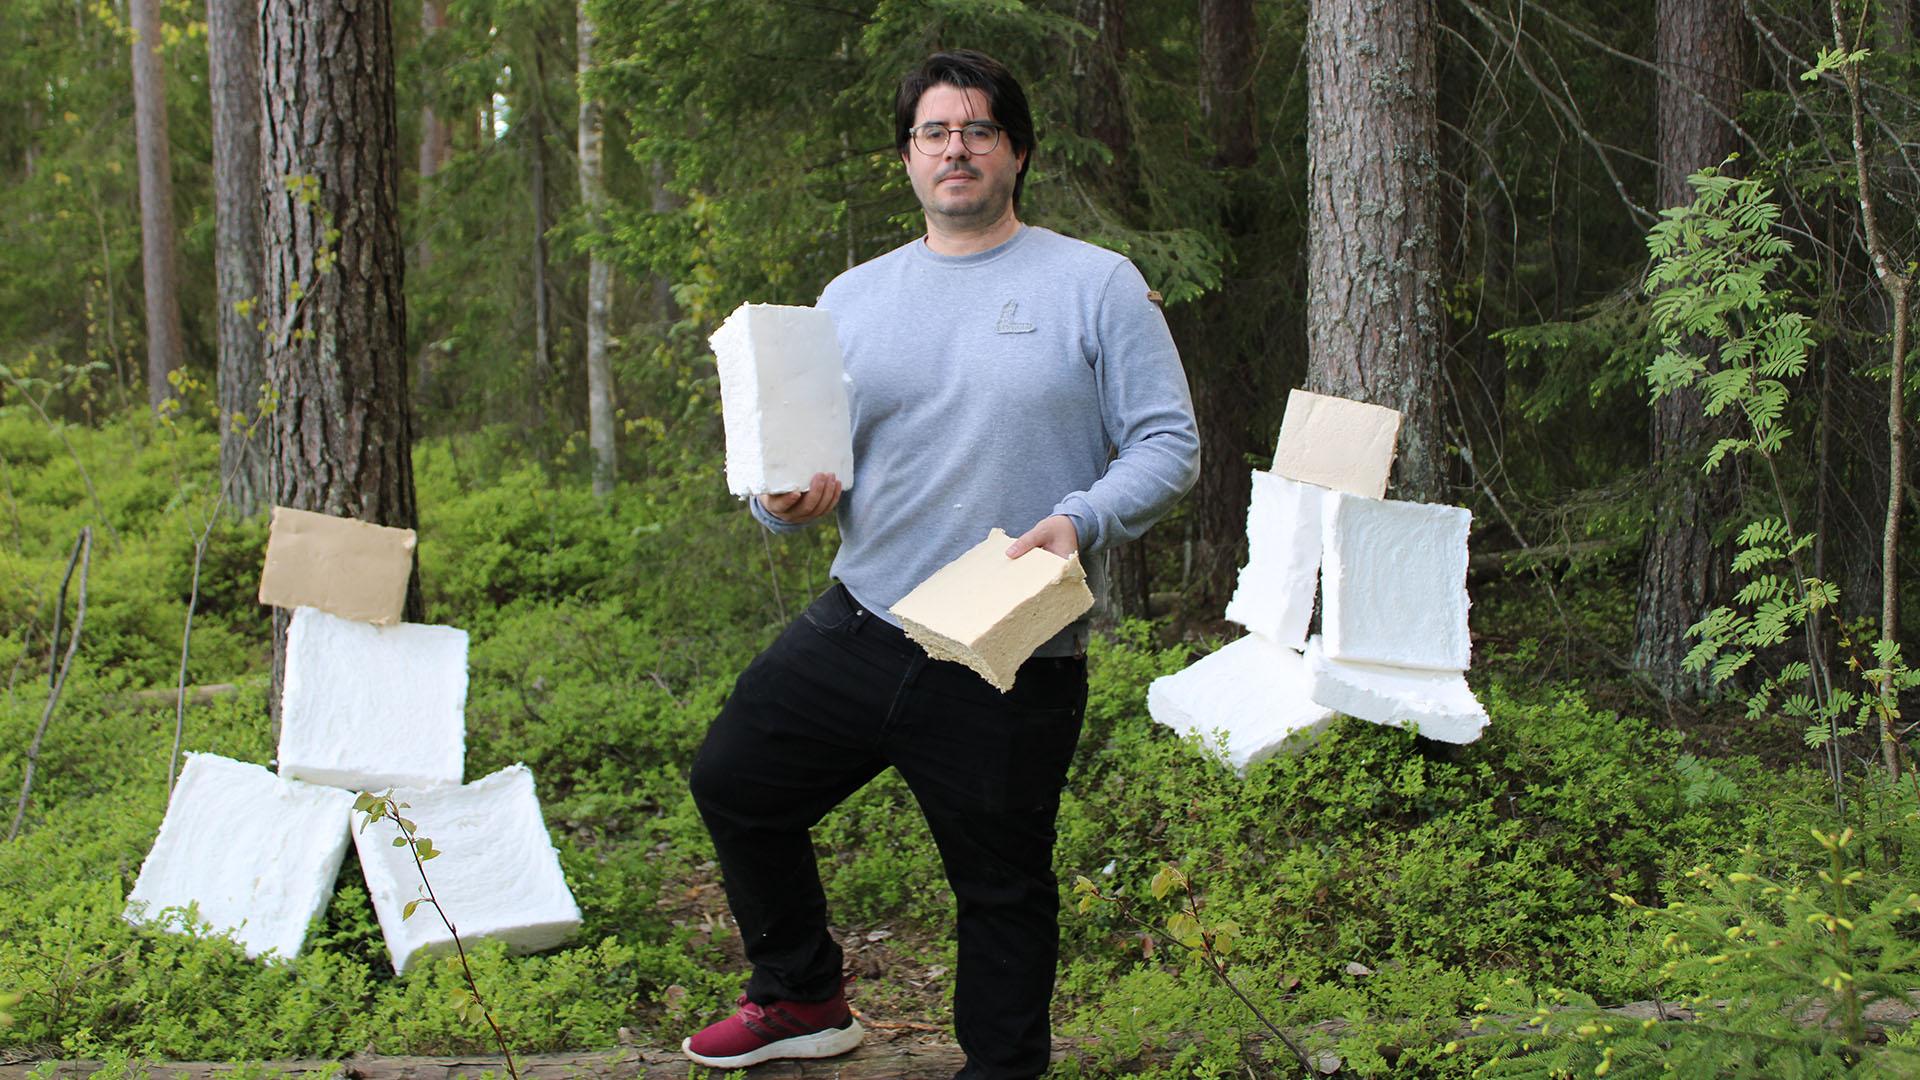 Kuvassa tohtorikoulutettava Jose Cucharero, jonka väitöskirjatutkimus käsittelee luonnonkuitujen ominaisuuksien vaikutusta äänen absorptioon ja kuitujen hyödyntämistä huoneakustiikassa.